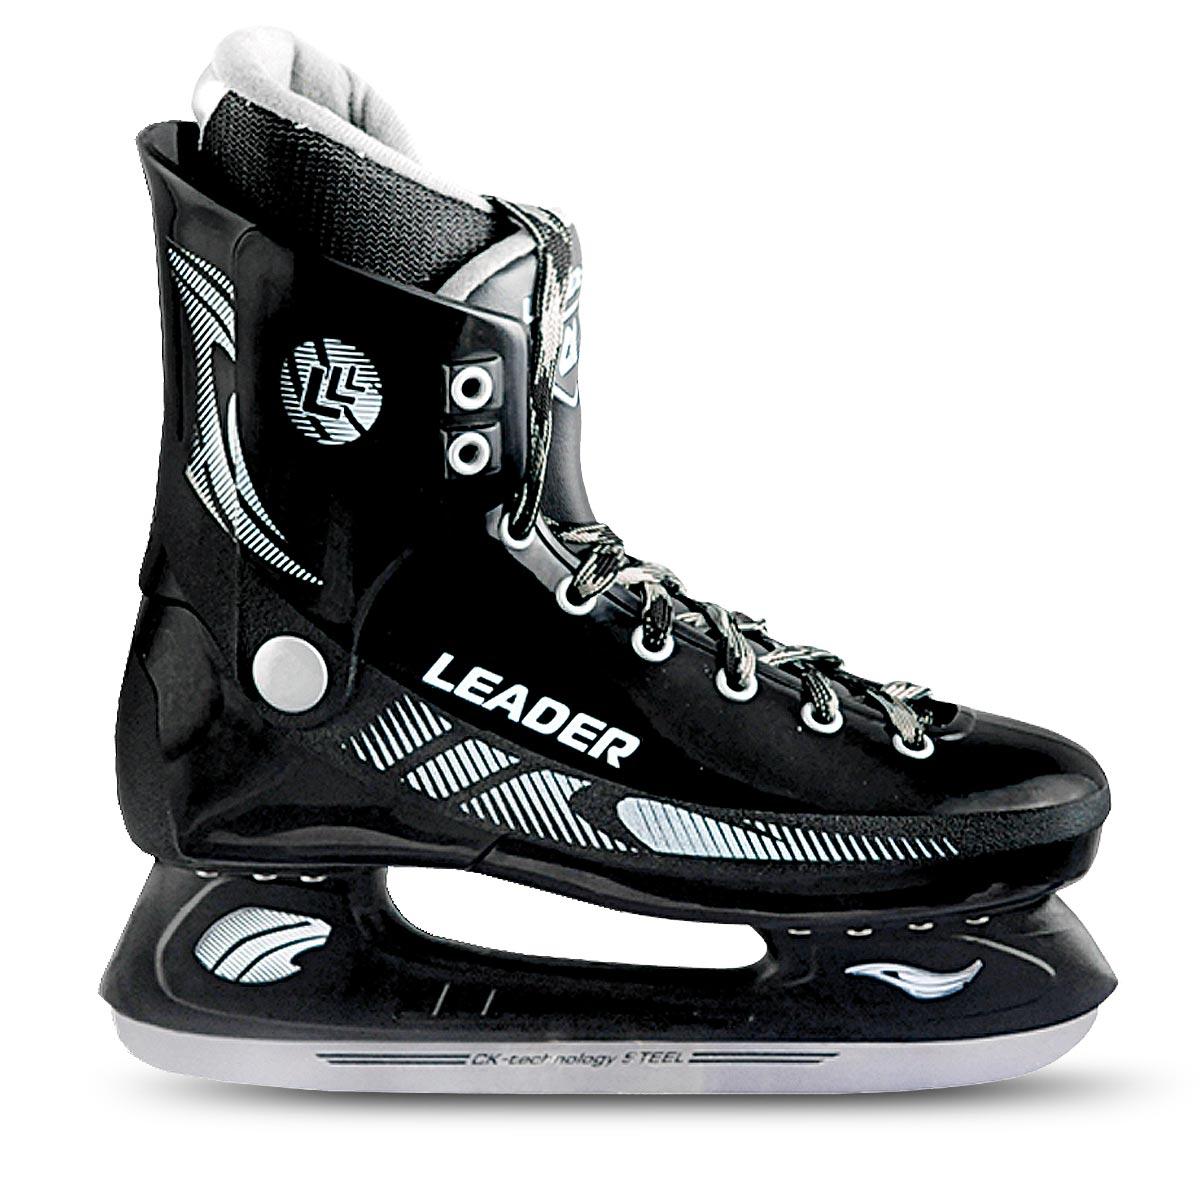 Коньки хоккейные мужские CK Leader, цвет: черный. Размер 37 LEADER_черный_37